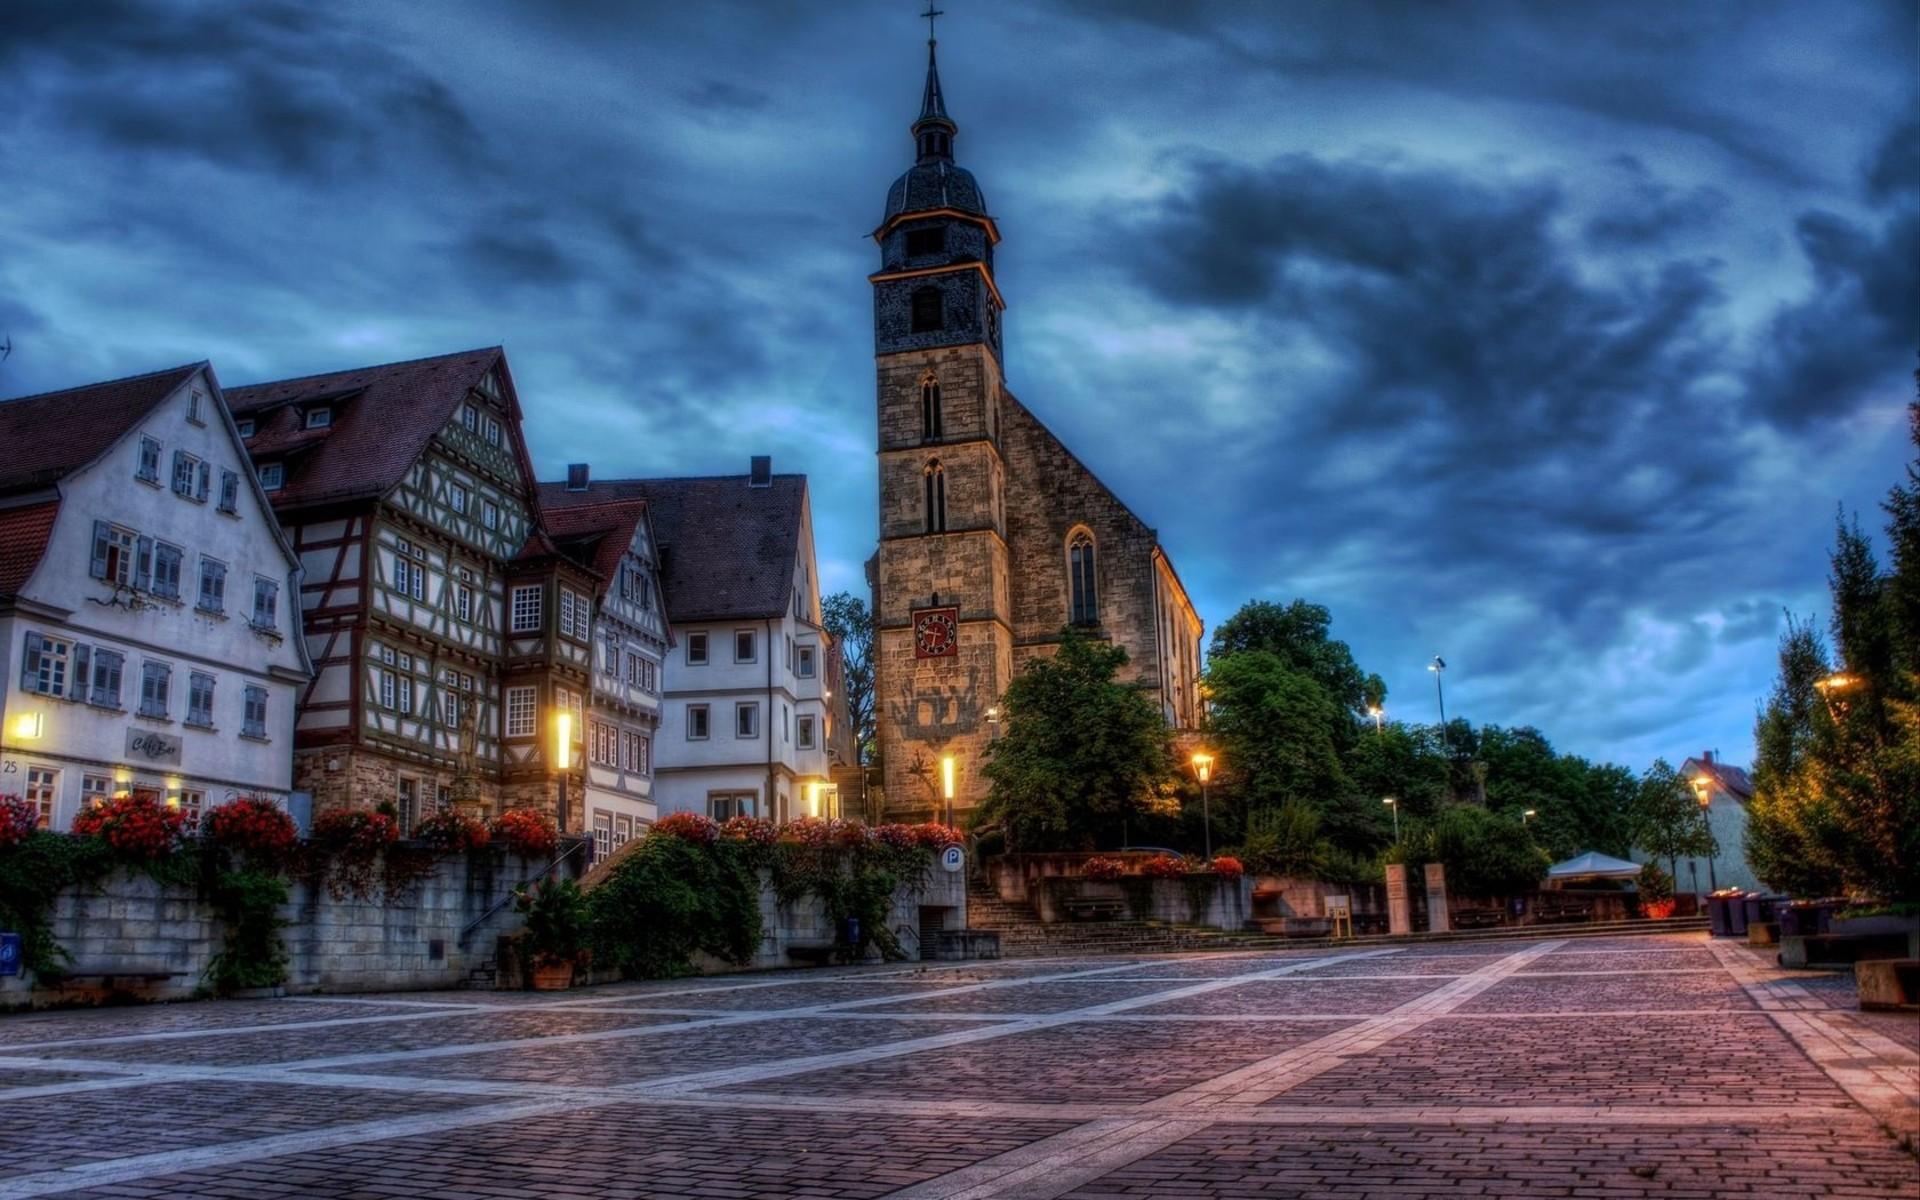 ТОП-10 достопримечательностей Германии